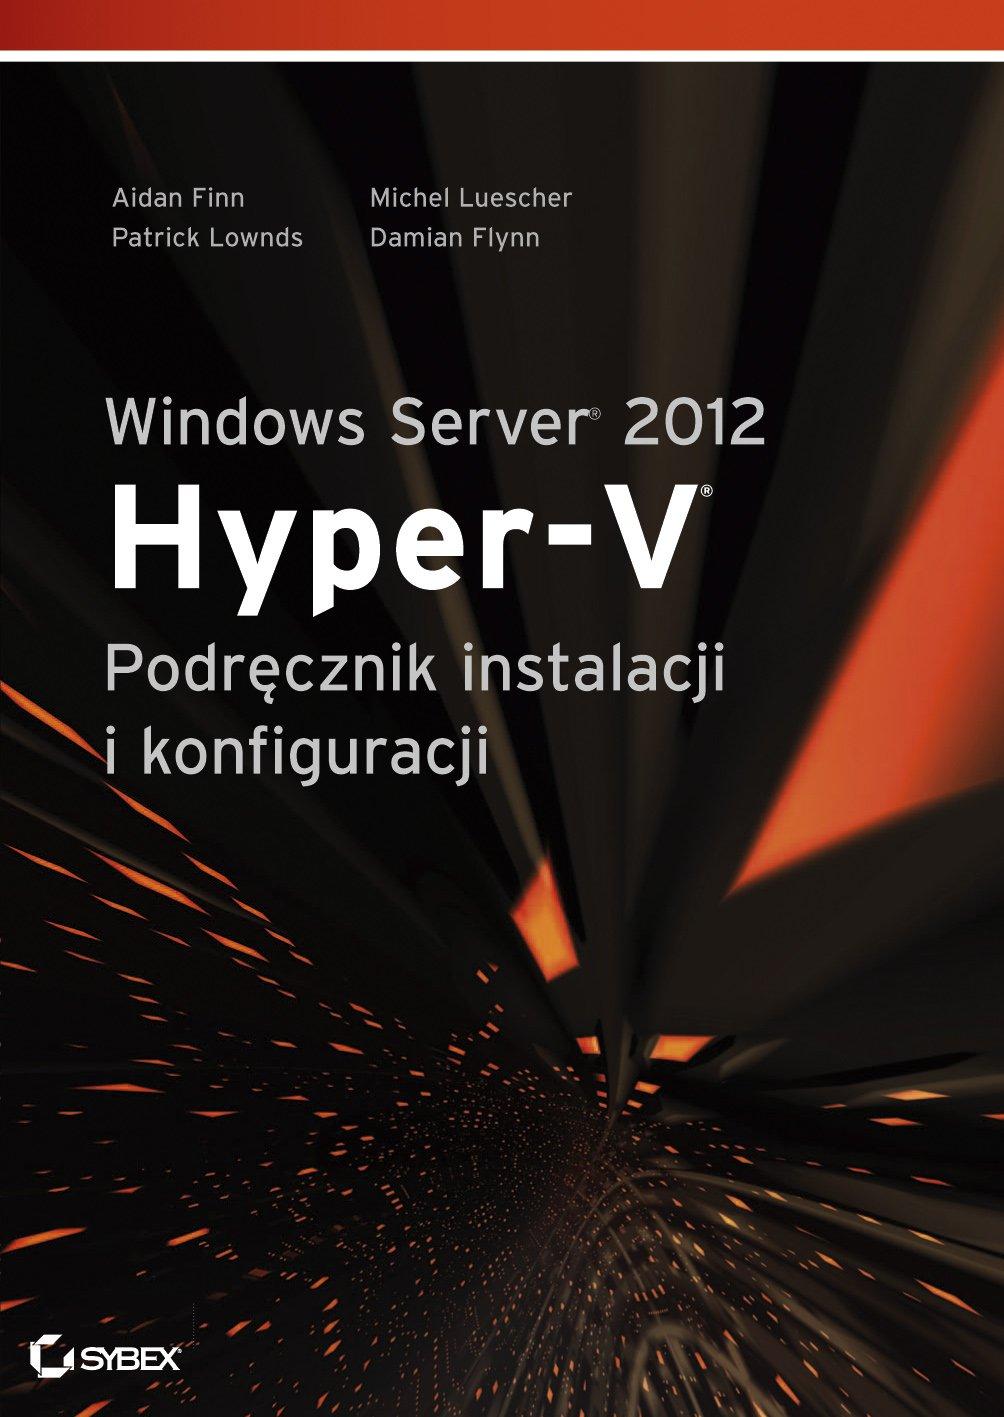 Windows Server 2012 Hyper-V Podręcznik instalacji i konfiguracji - Ebook (Książka PDF) do pobrania w formacie PDF